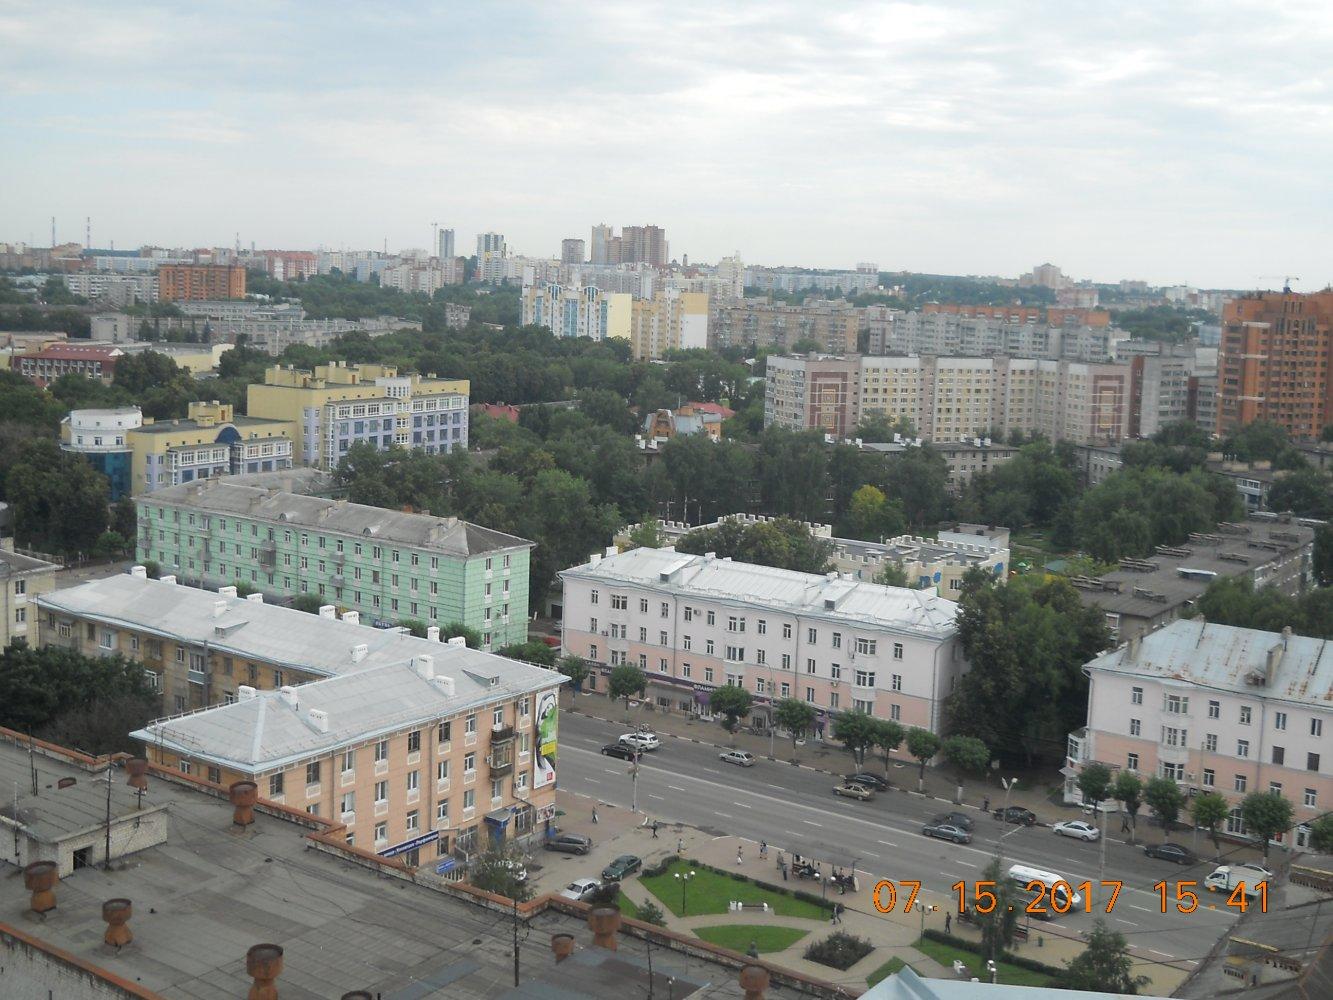 Фото DSCN7629.jpg. Россия, Рязанская область, Рязань го, Татарская улица, 50